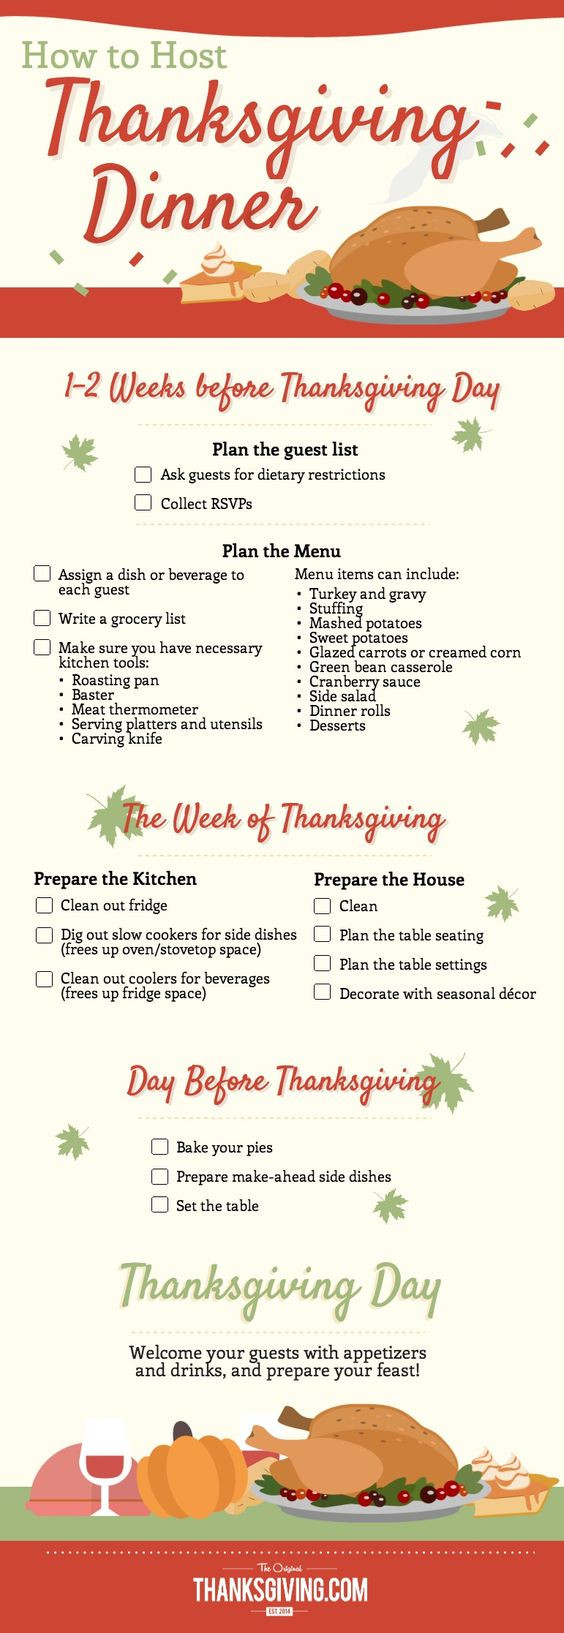 Thanksgiving Dinner List  Pinterest • The world's catalog of ideas